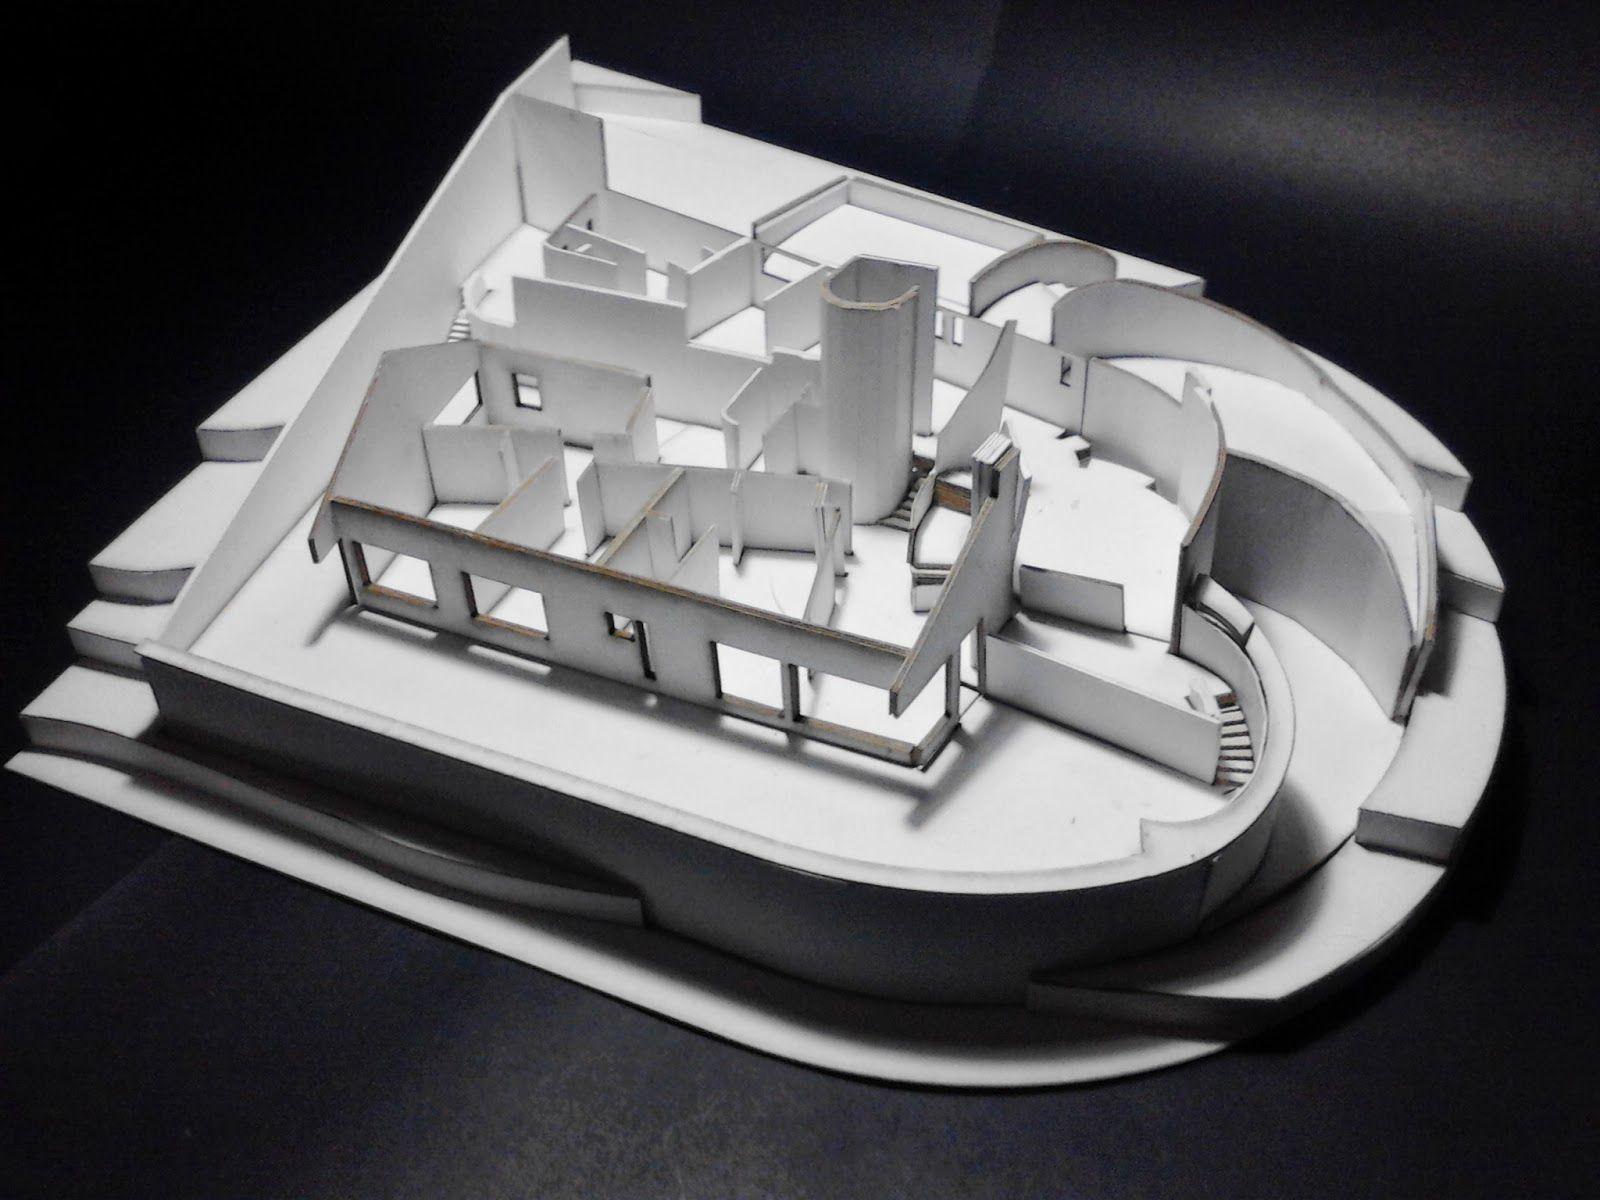 Historia de la arquitectura moderna fernando mart nez for Arquitectura moderna caracteristicas